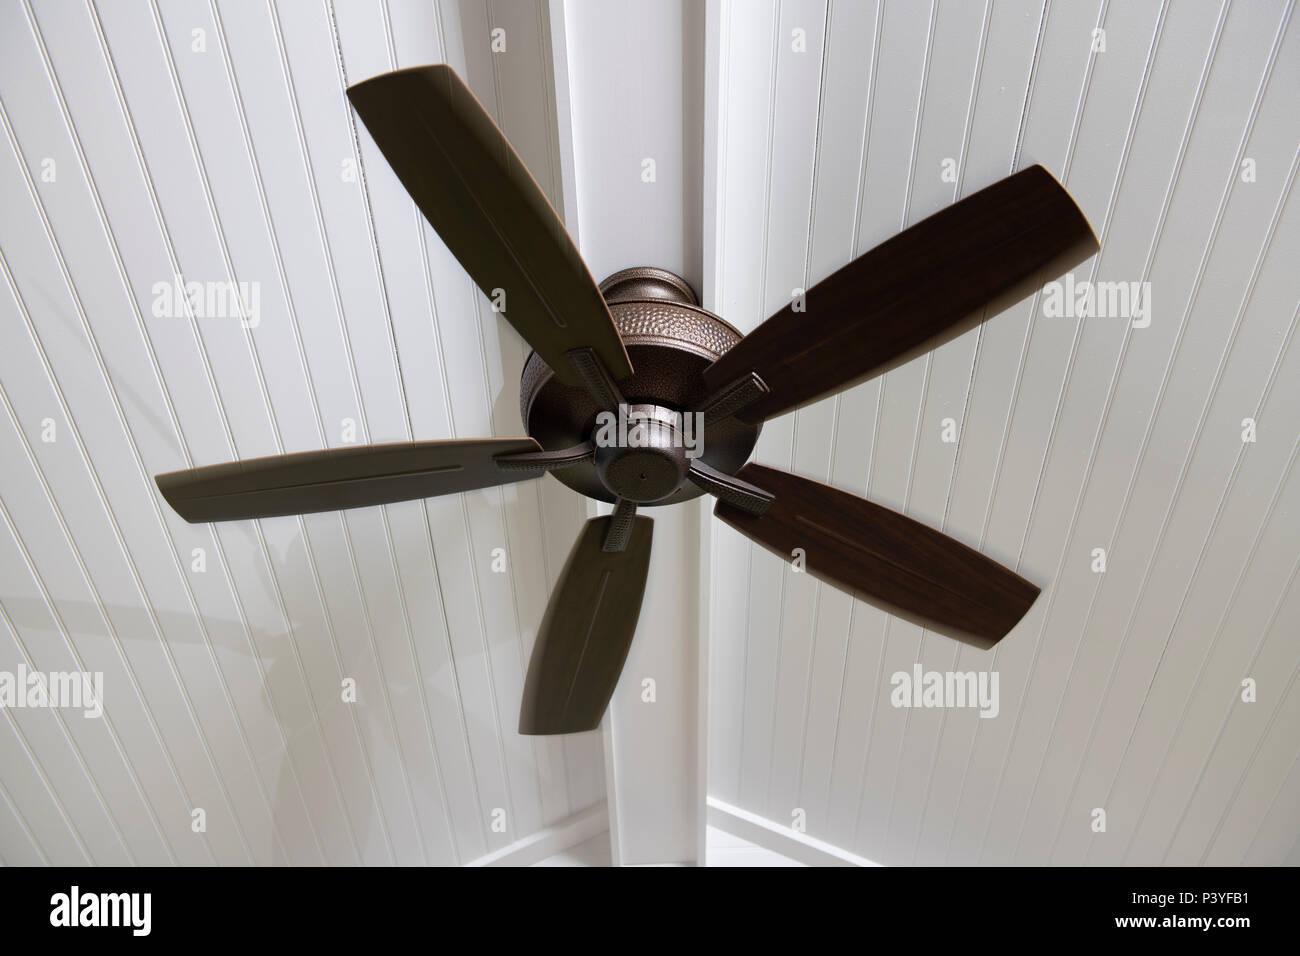 Un ventilador de techo eléctrico moderno en un proyectado en el porche para ayudar a enfriar el espacio en un día caliente Imagen De Stock